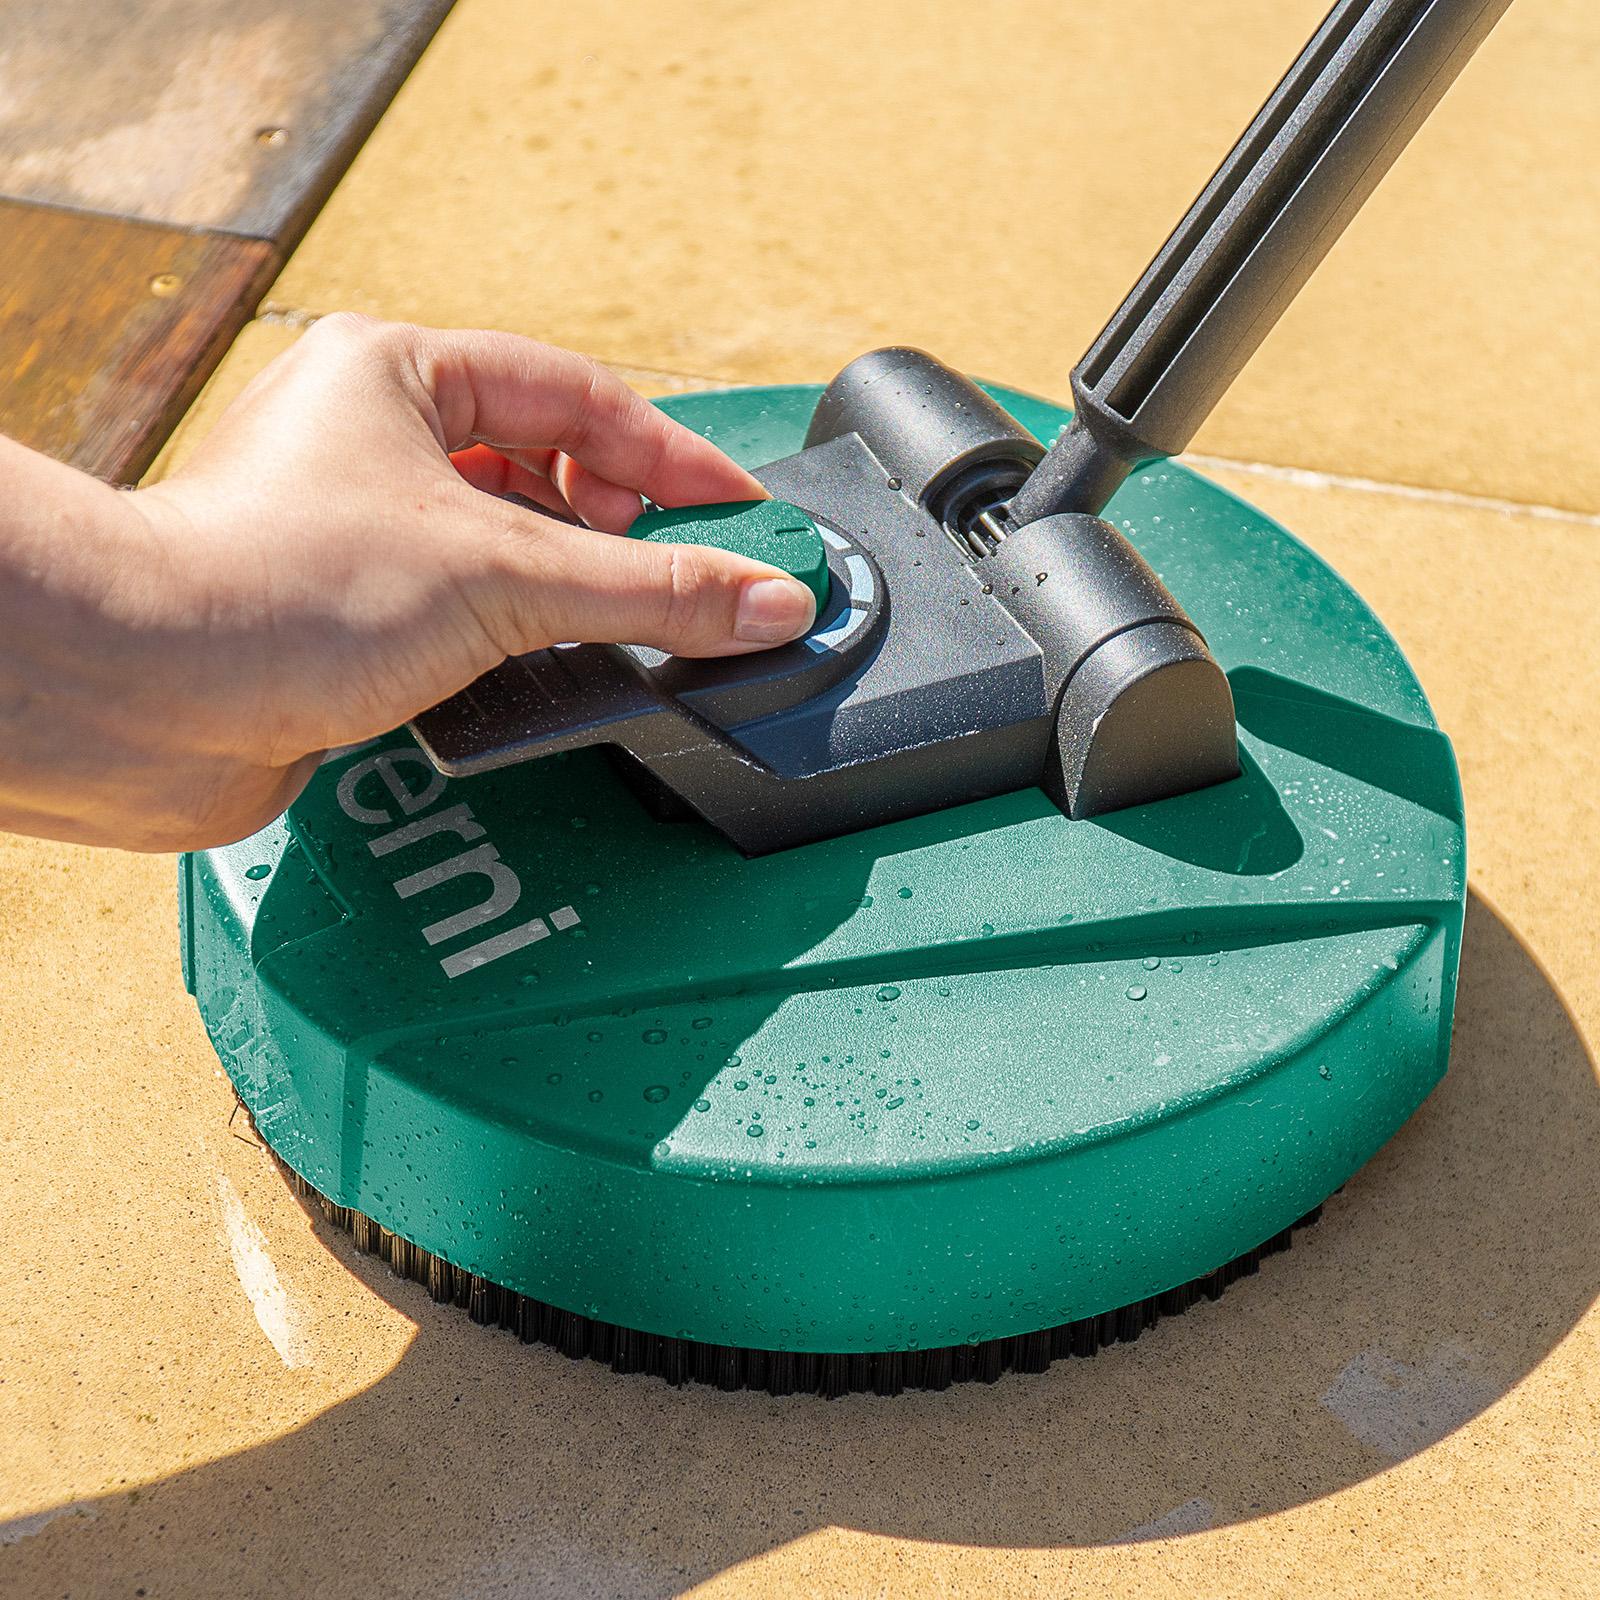 Gerni Mid Patio Cleaner - Adjust